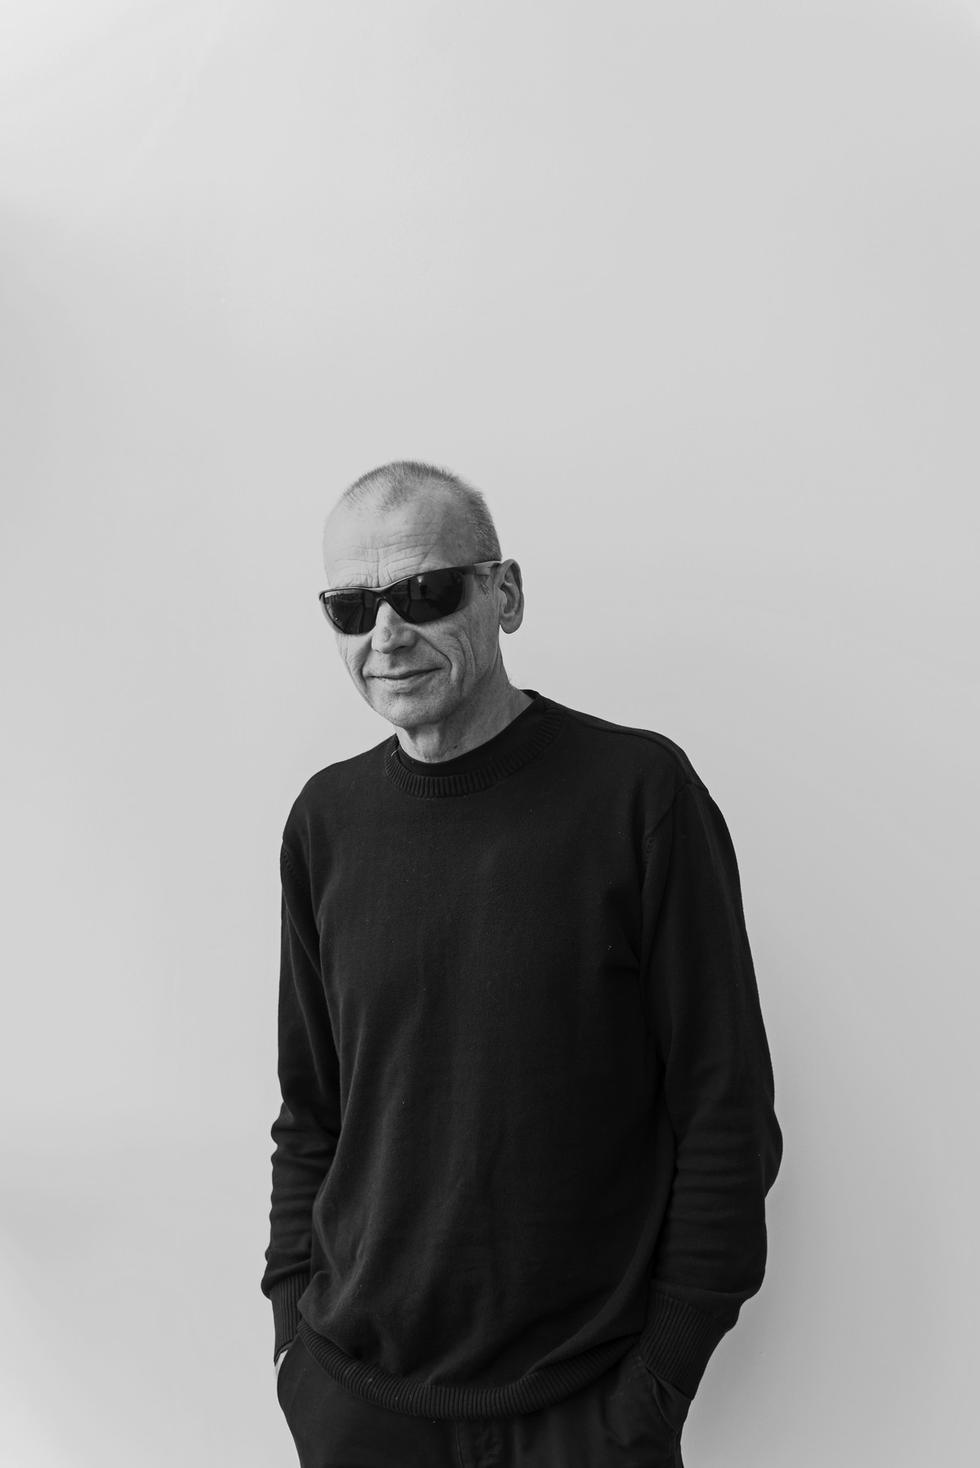 Antoni Domicz